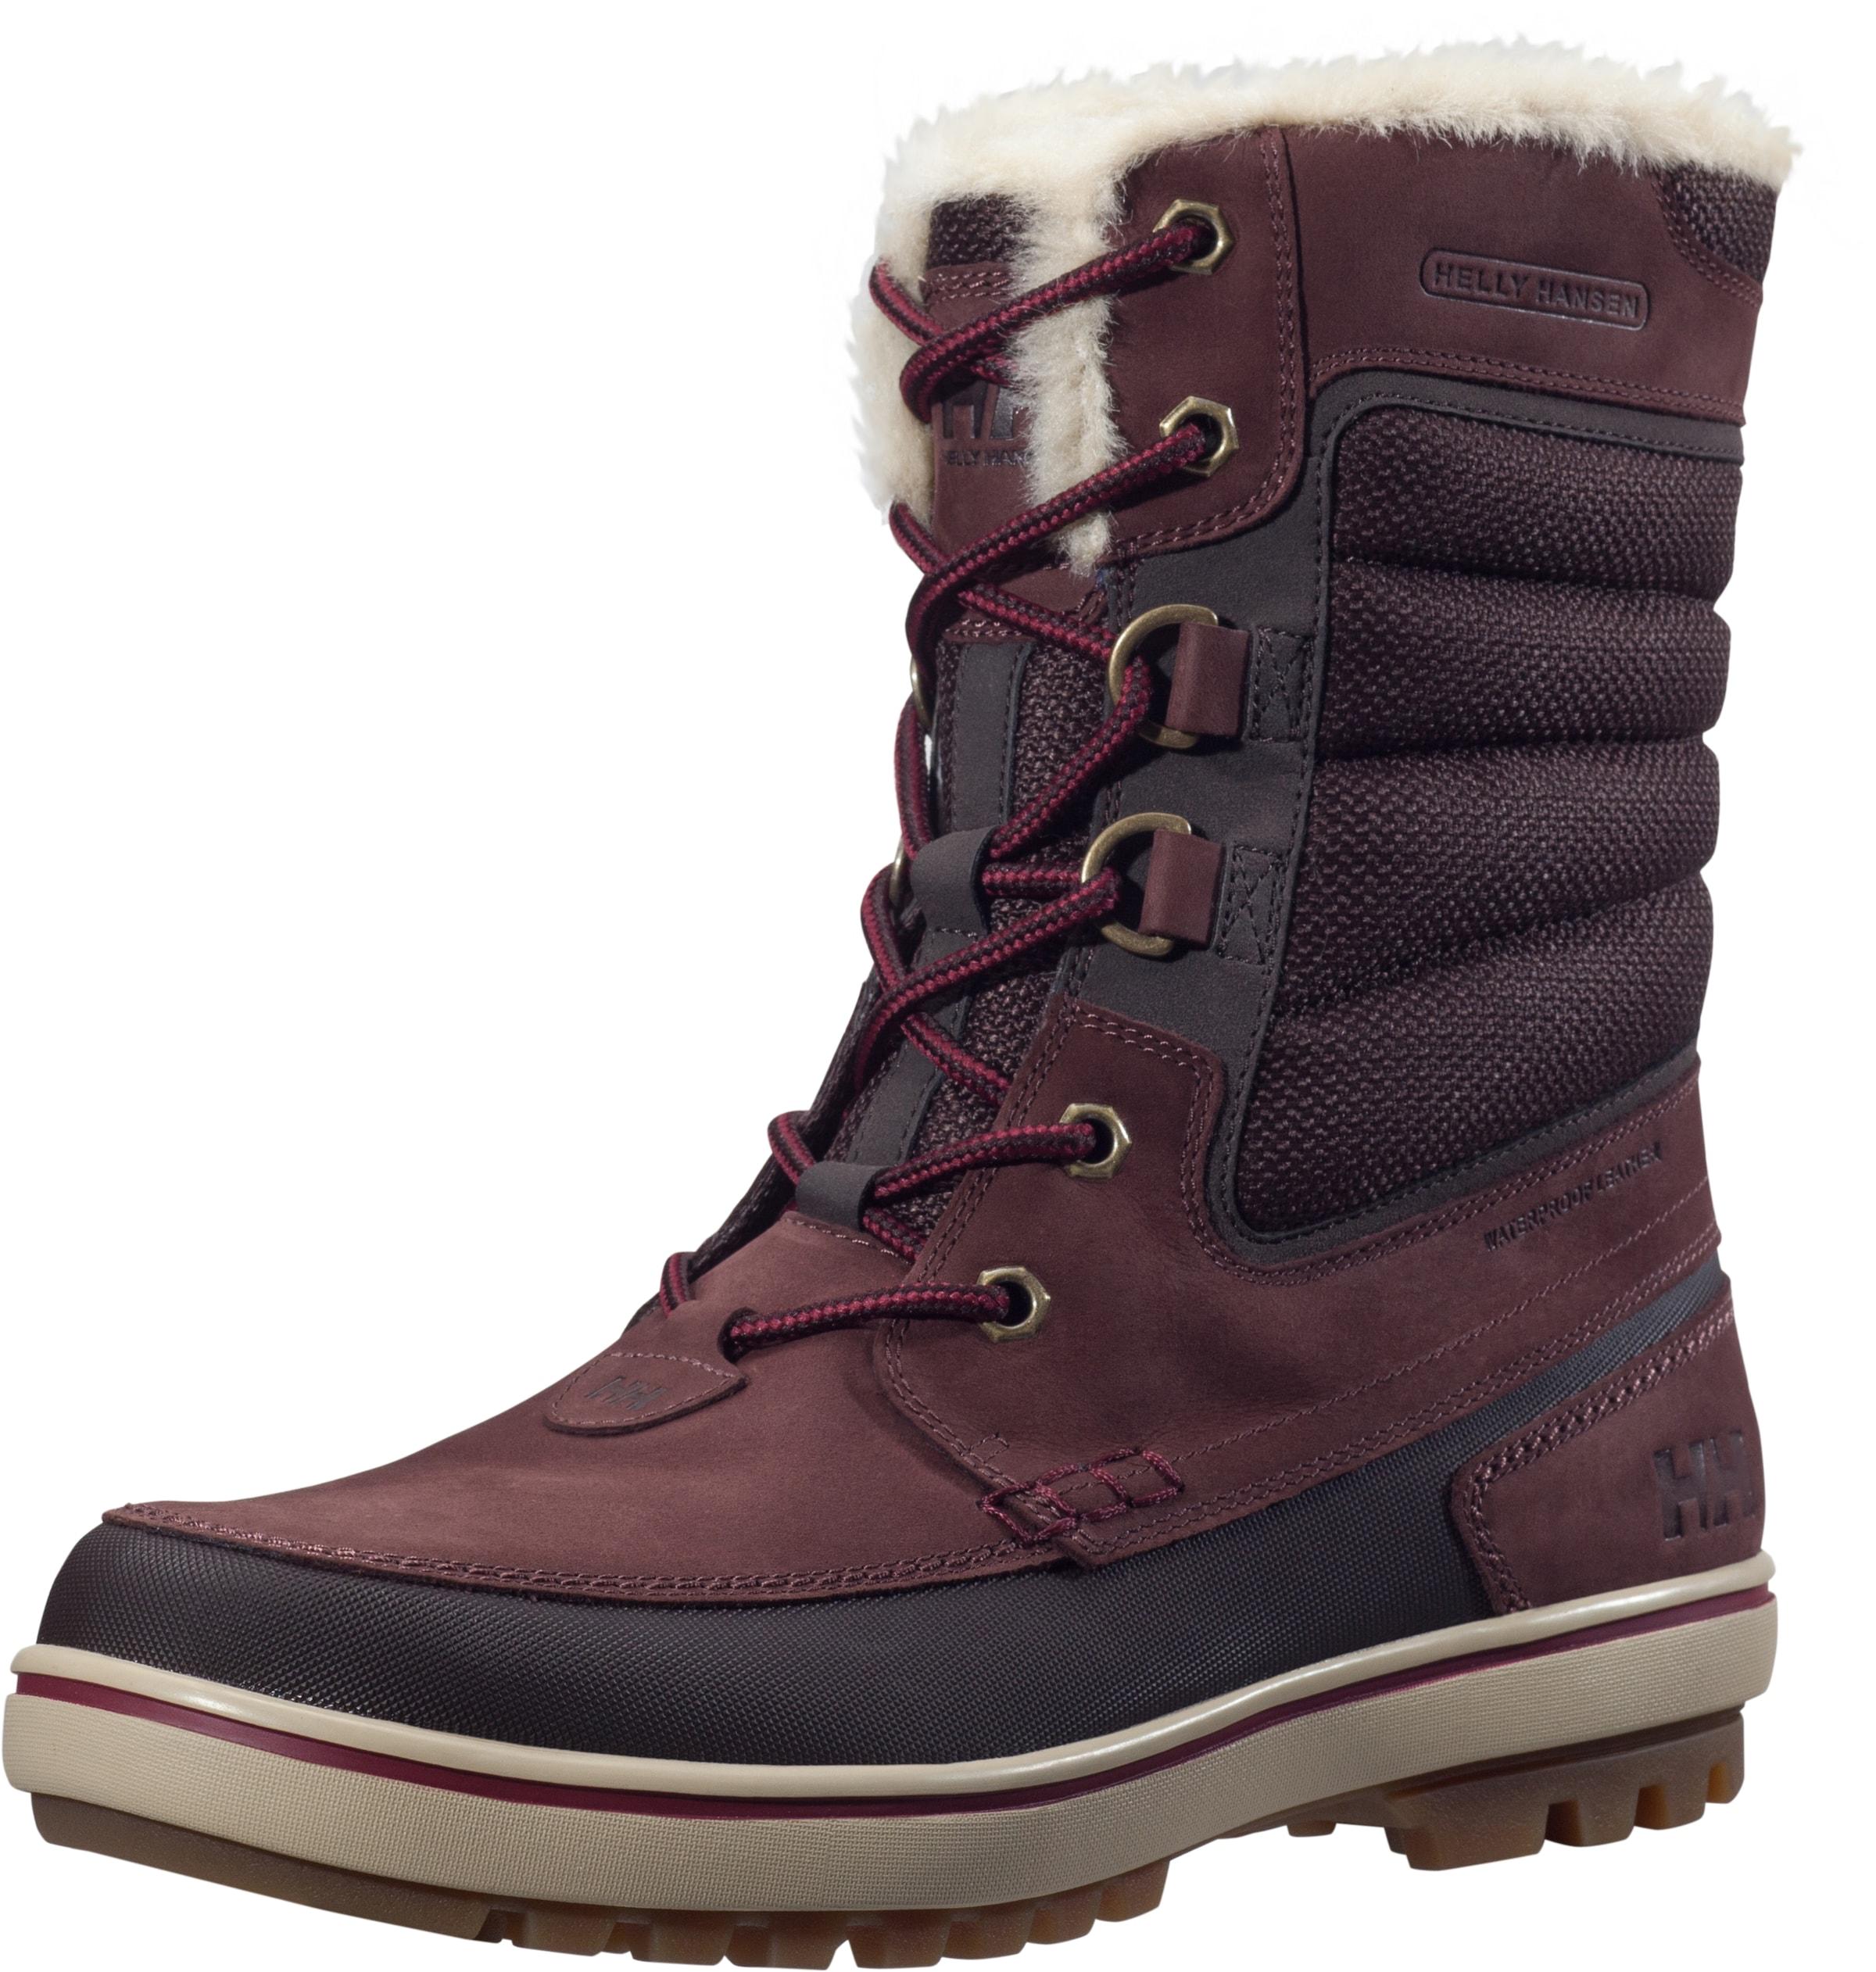 HELLY HANSEN Schneestiefel Günstige und langlebige Schuhe